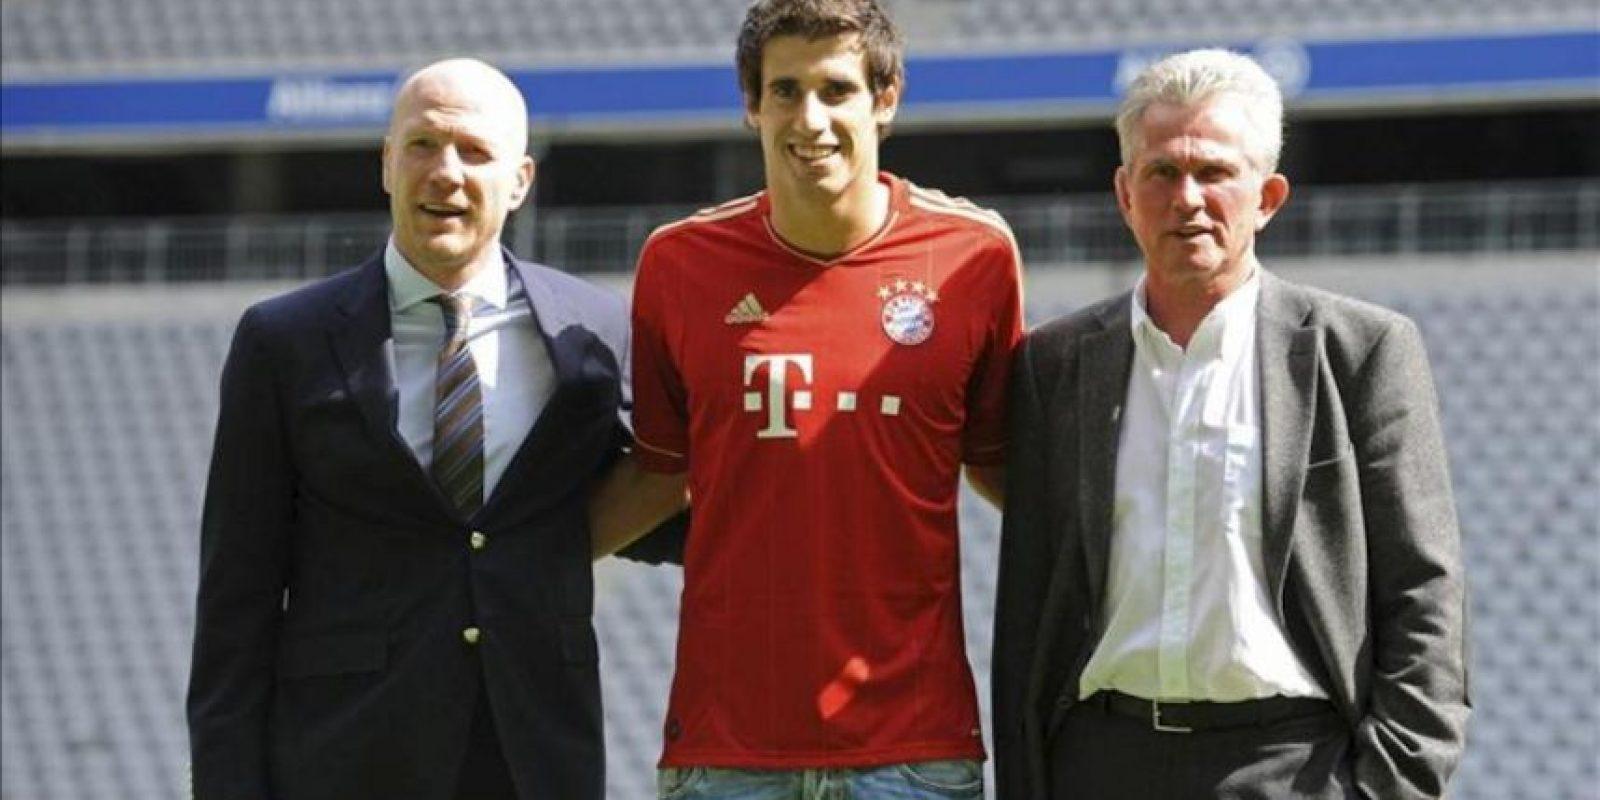 El centrocampista español Javi Martínez (c), durante su presentación hoy como nuevo jugador del Bayern de Múnich junto a su nuevo entrenador, Jupp Heynckes (d), y el director deportivo del Bayern, Matthias Sammer (i). EFE